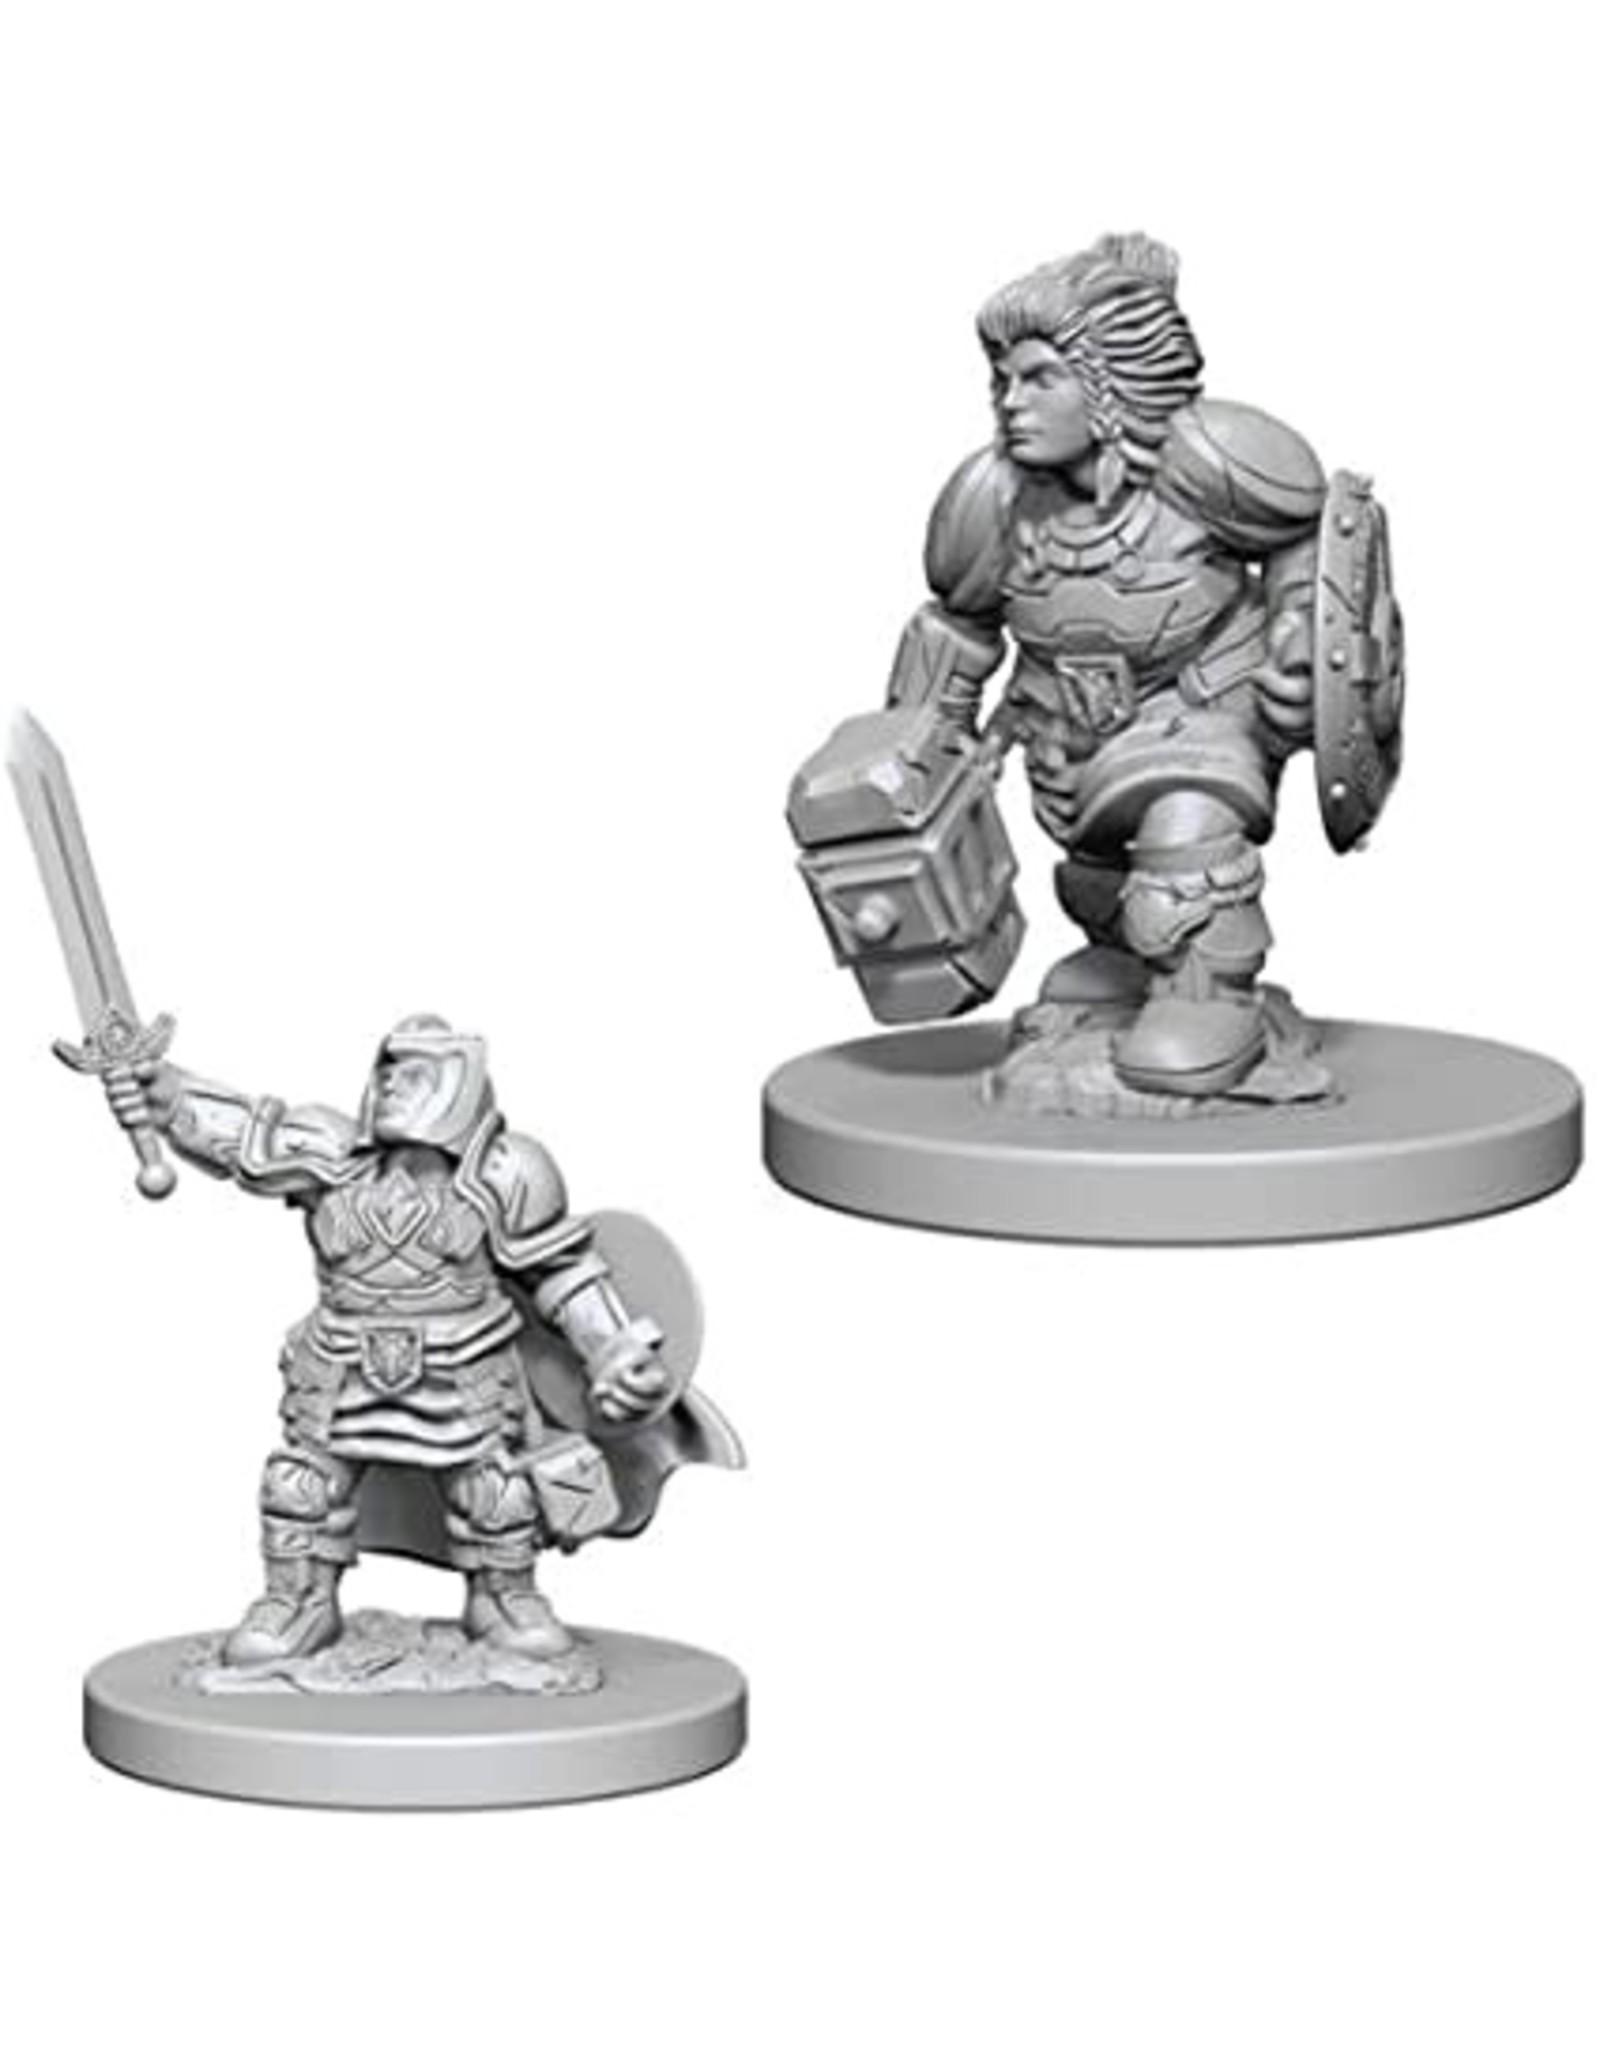 WizKids D&D Unpainted Miniature Dwarf Paladin (Female)